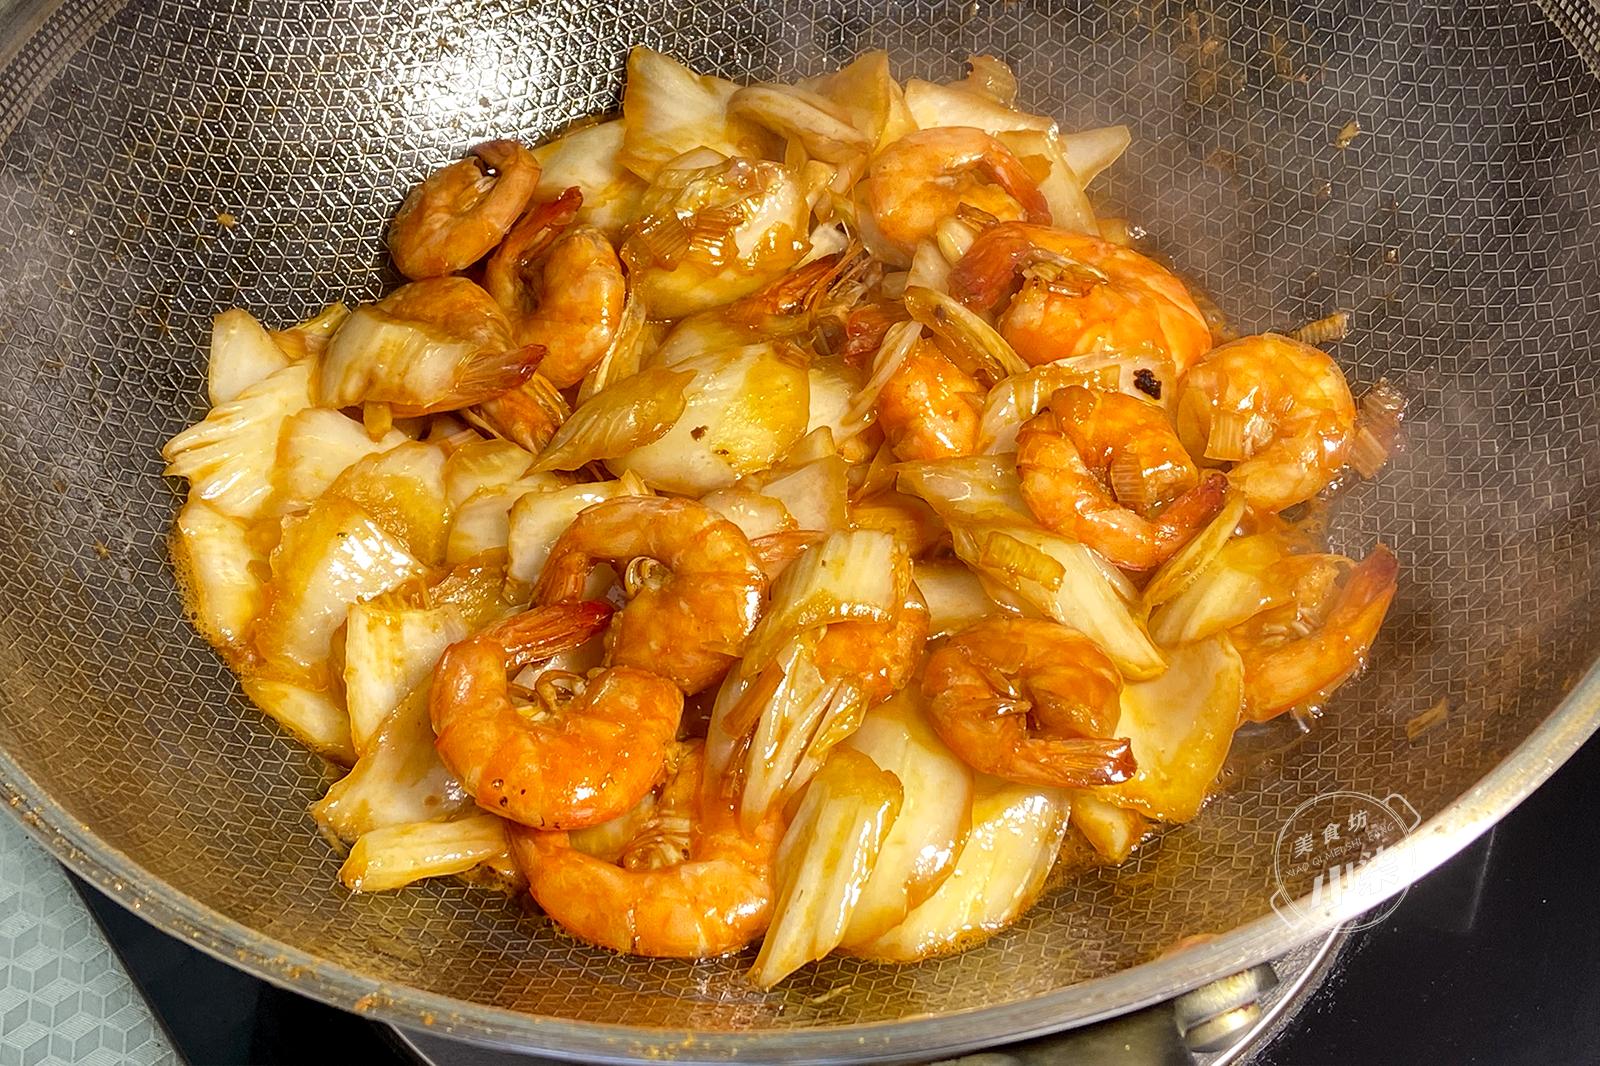 冬天,白菜最好吃的做法,簡單一做,鮮美爽口,好吃到湯汁也不剩